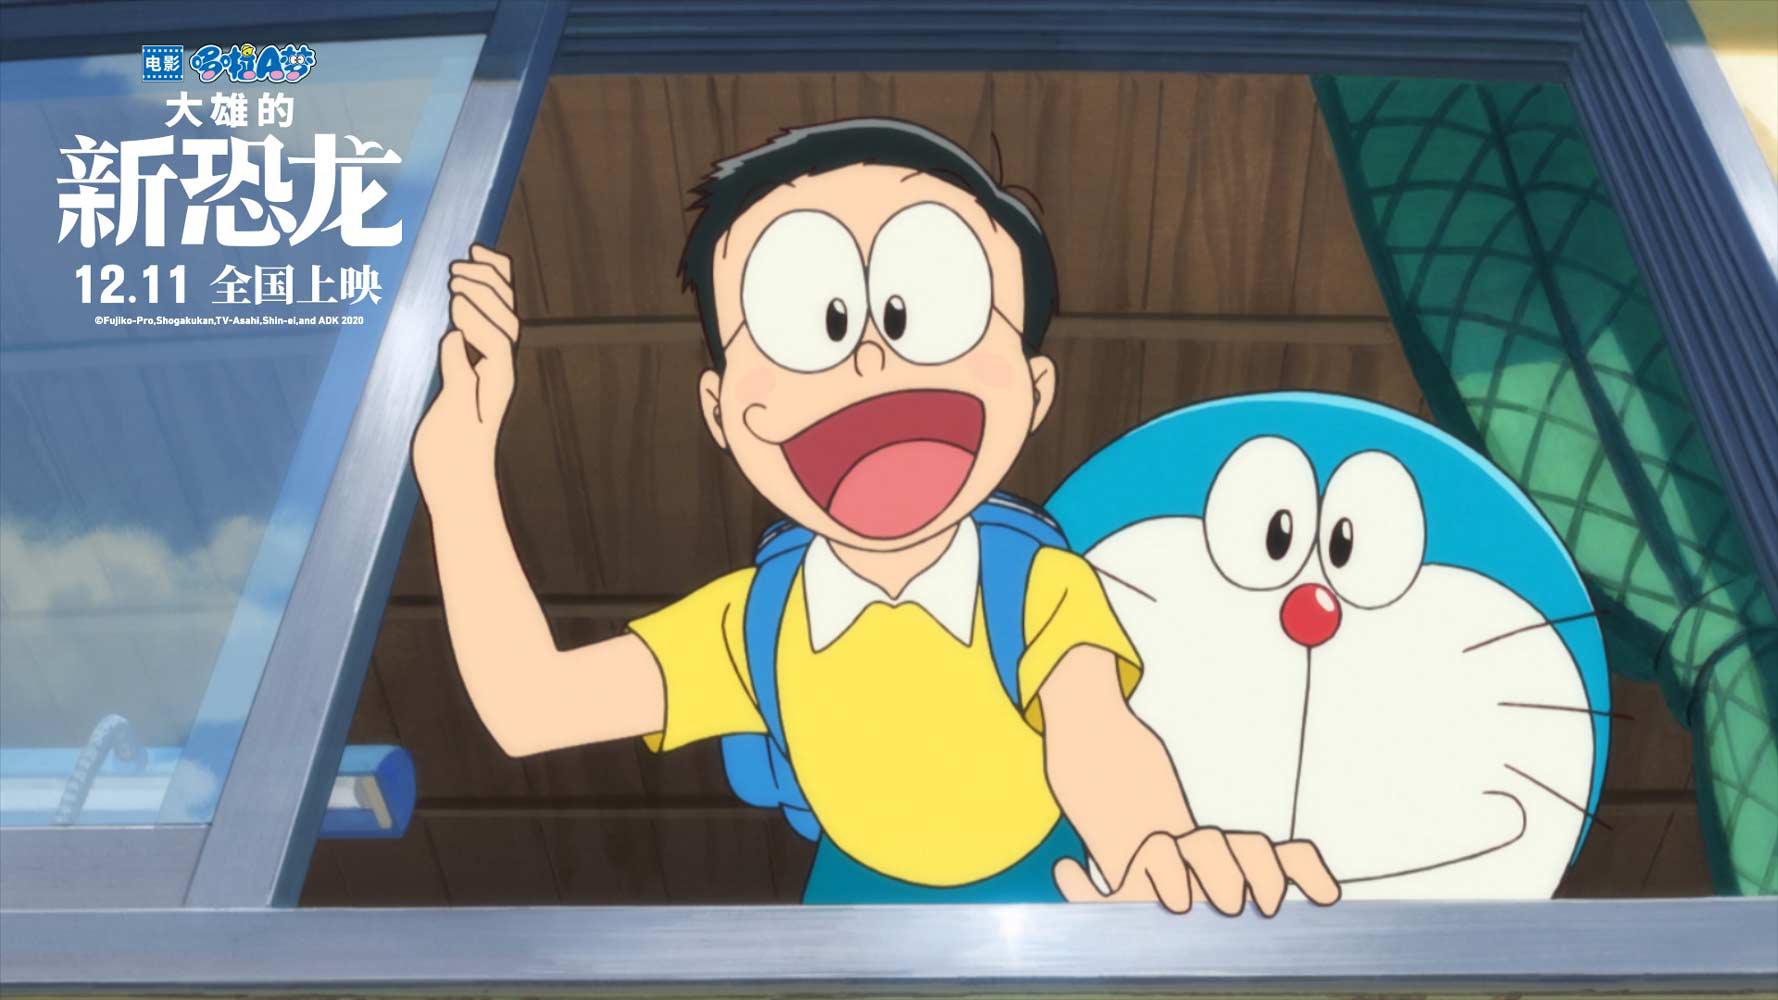 重拾童真!《哆啦A梦:大雄的新恐龙》定在12.11播出